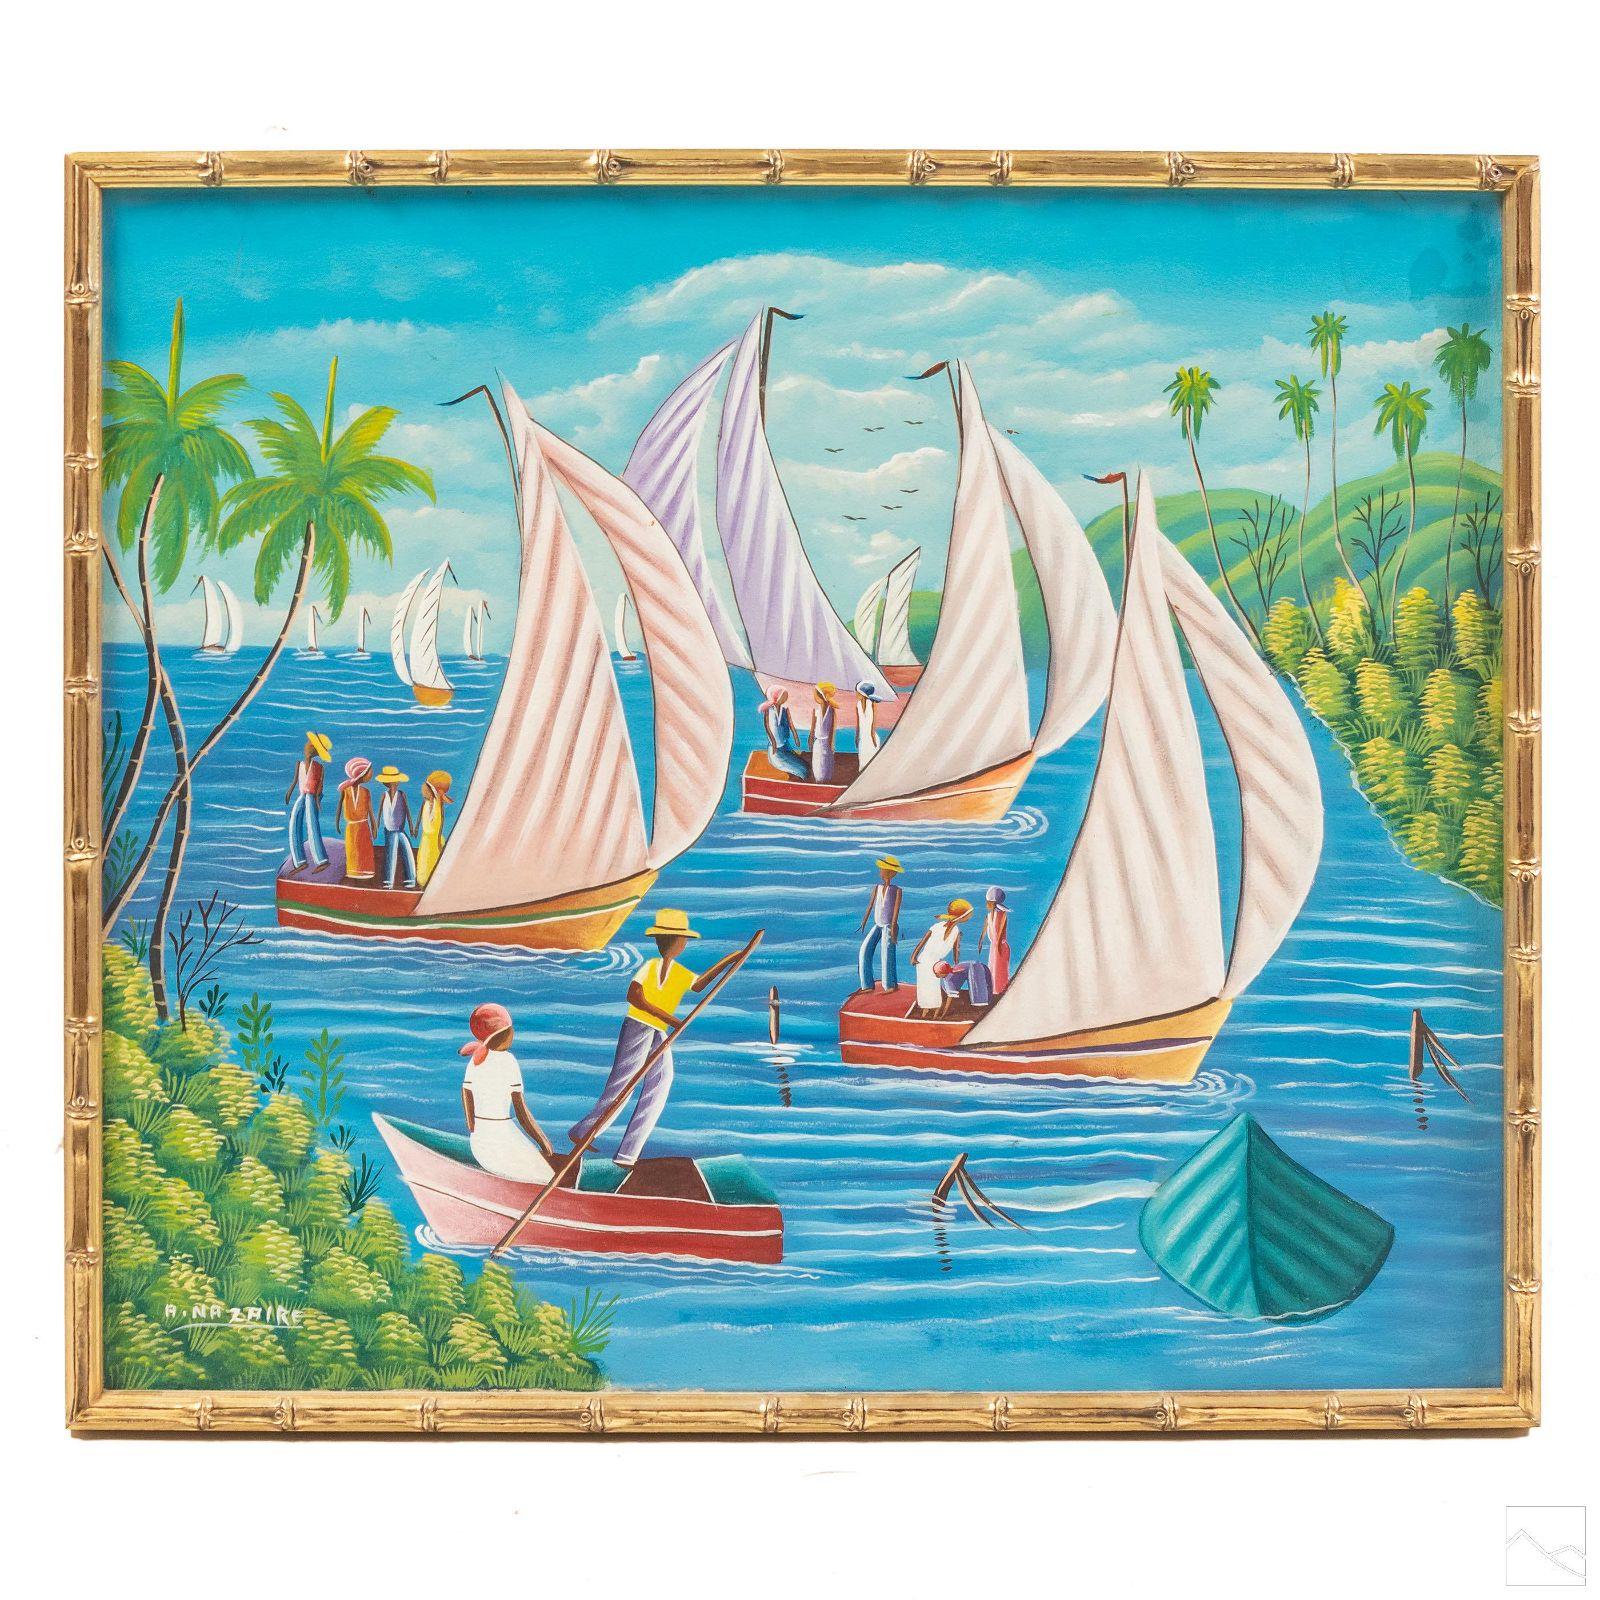 Andre Nazaire Haitian Coastal Landscape Painting